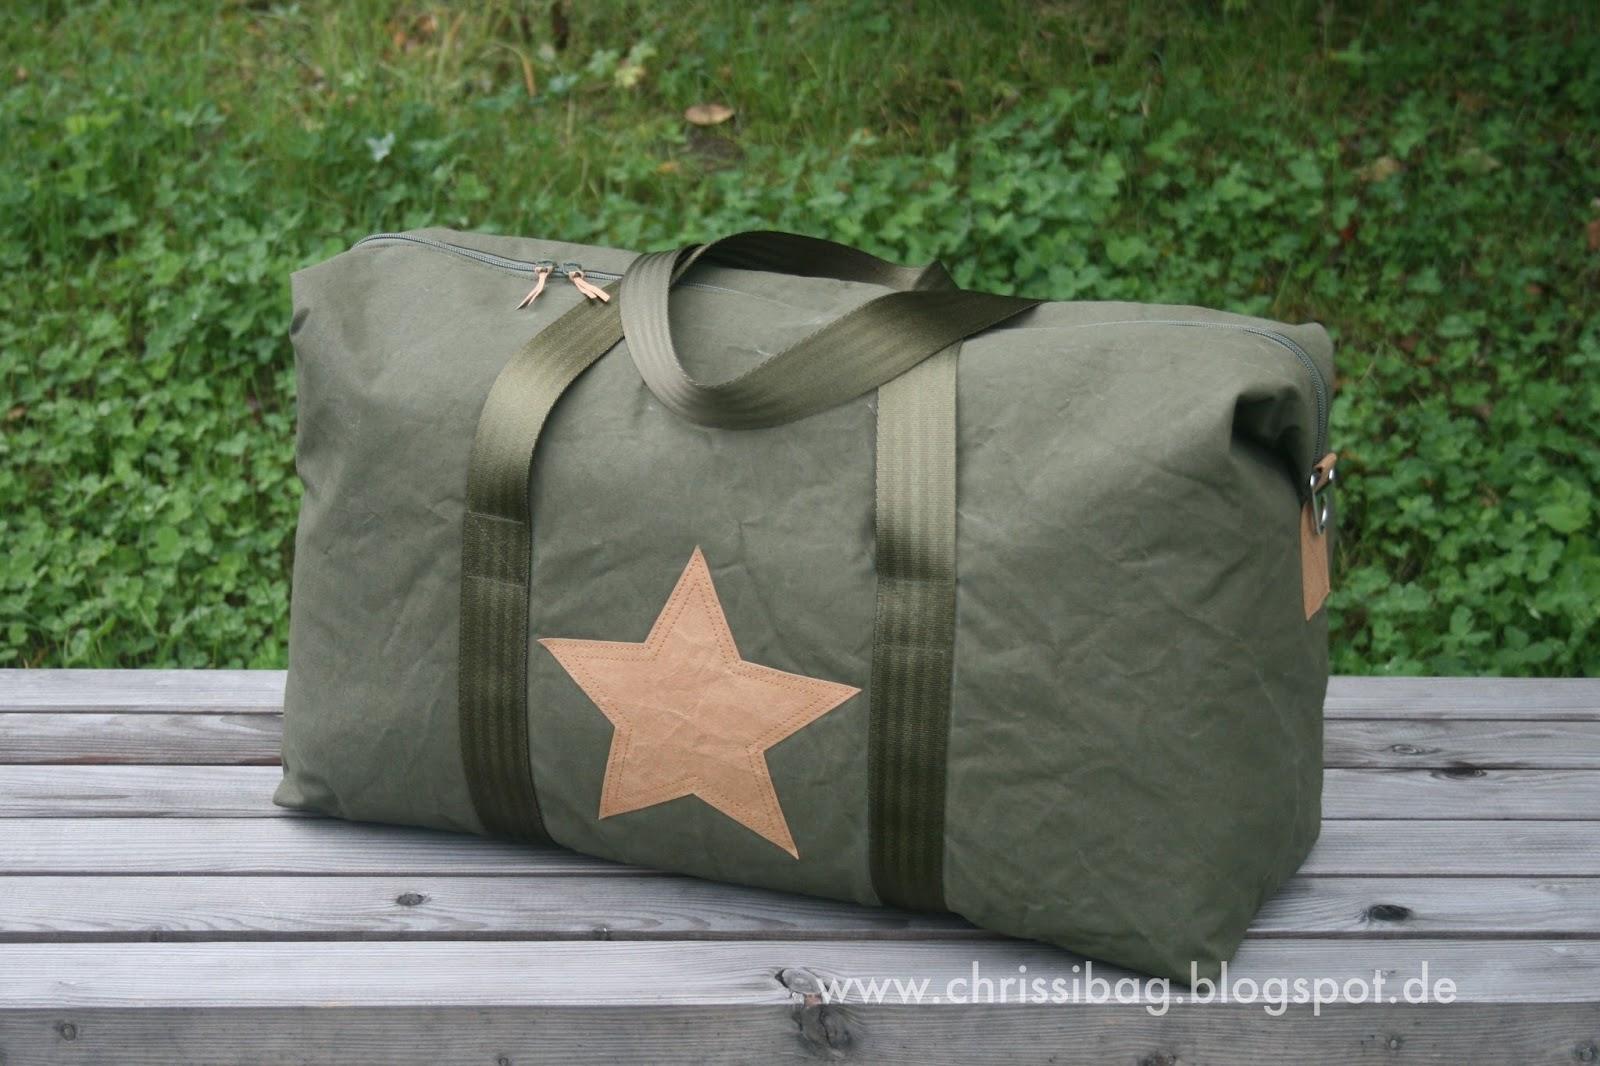 Emblem Duffle Bag - Mein Weekender! - chrissibag